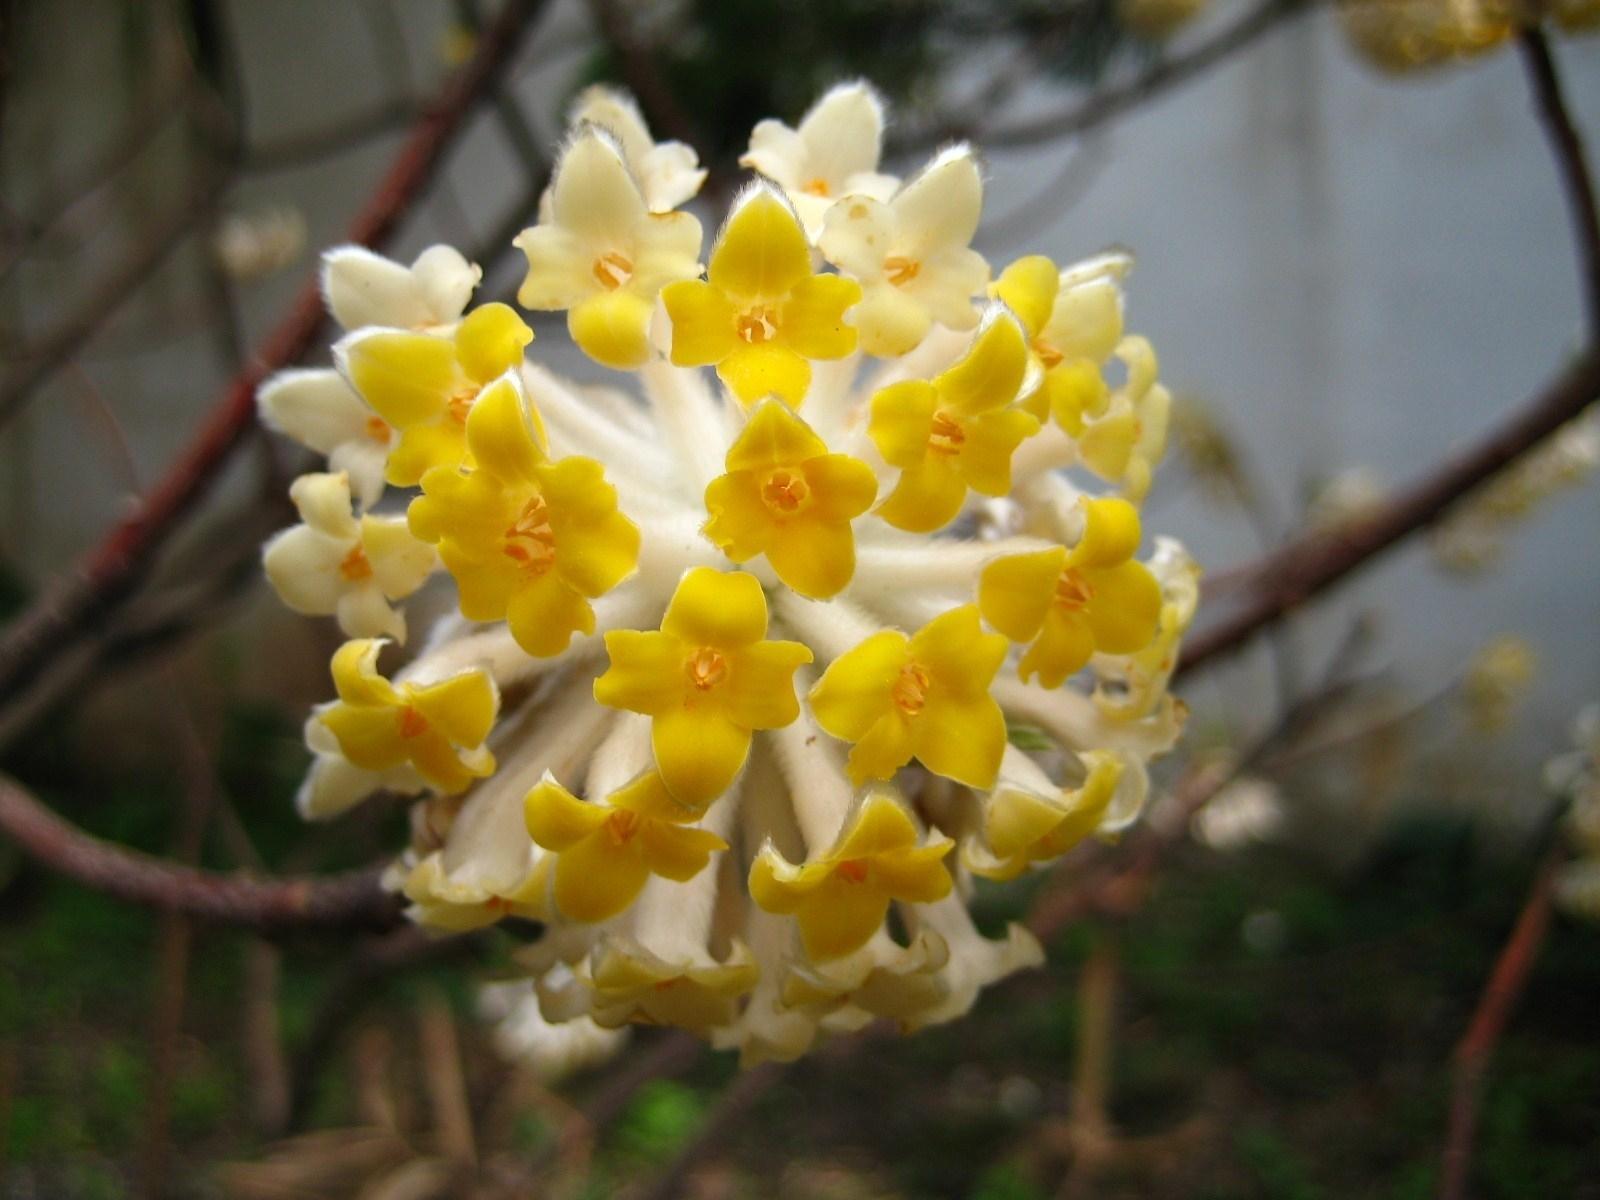 Fiori invernali piante da giardino fiori invernali for Piante da giardino con fiori